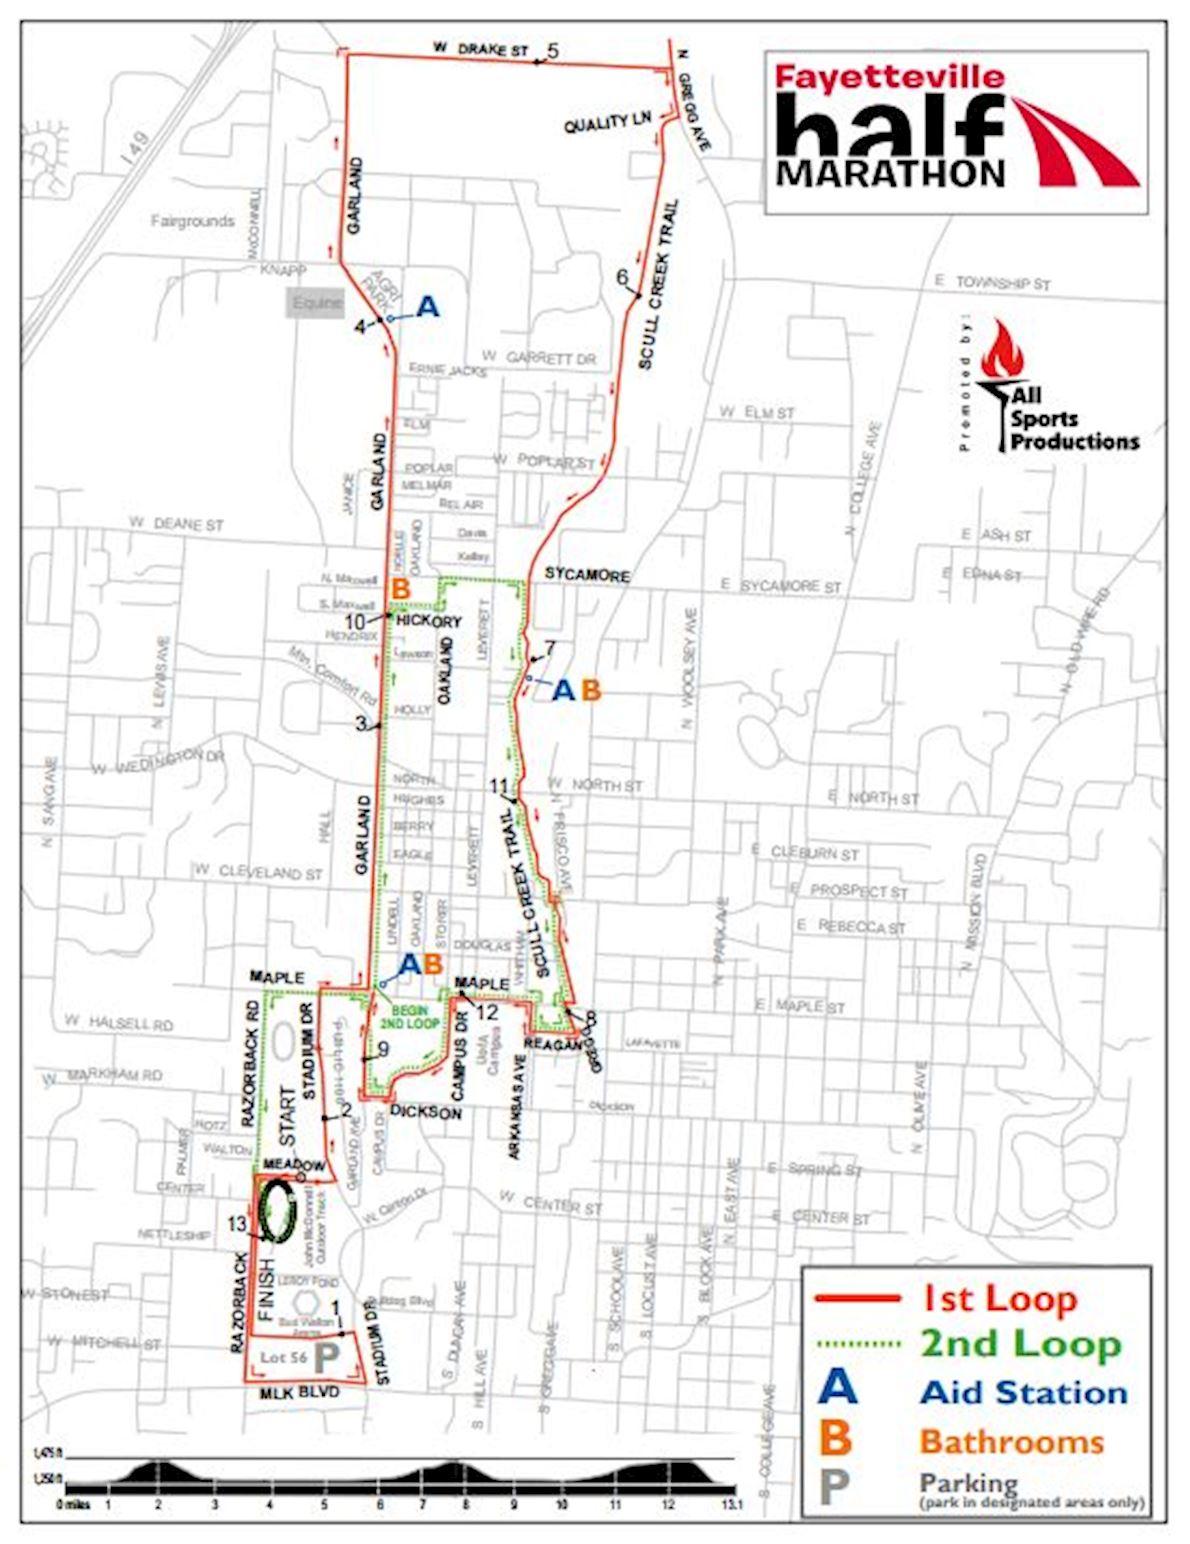 Fayetteville Half Marathon Mappa del percorso